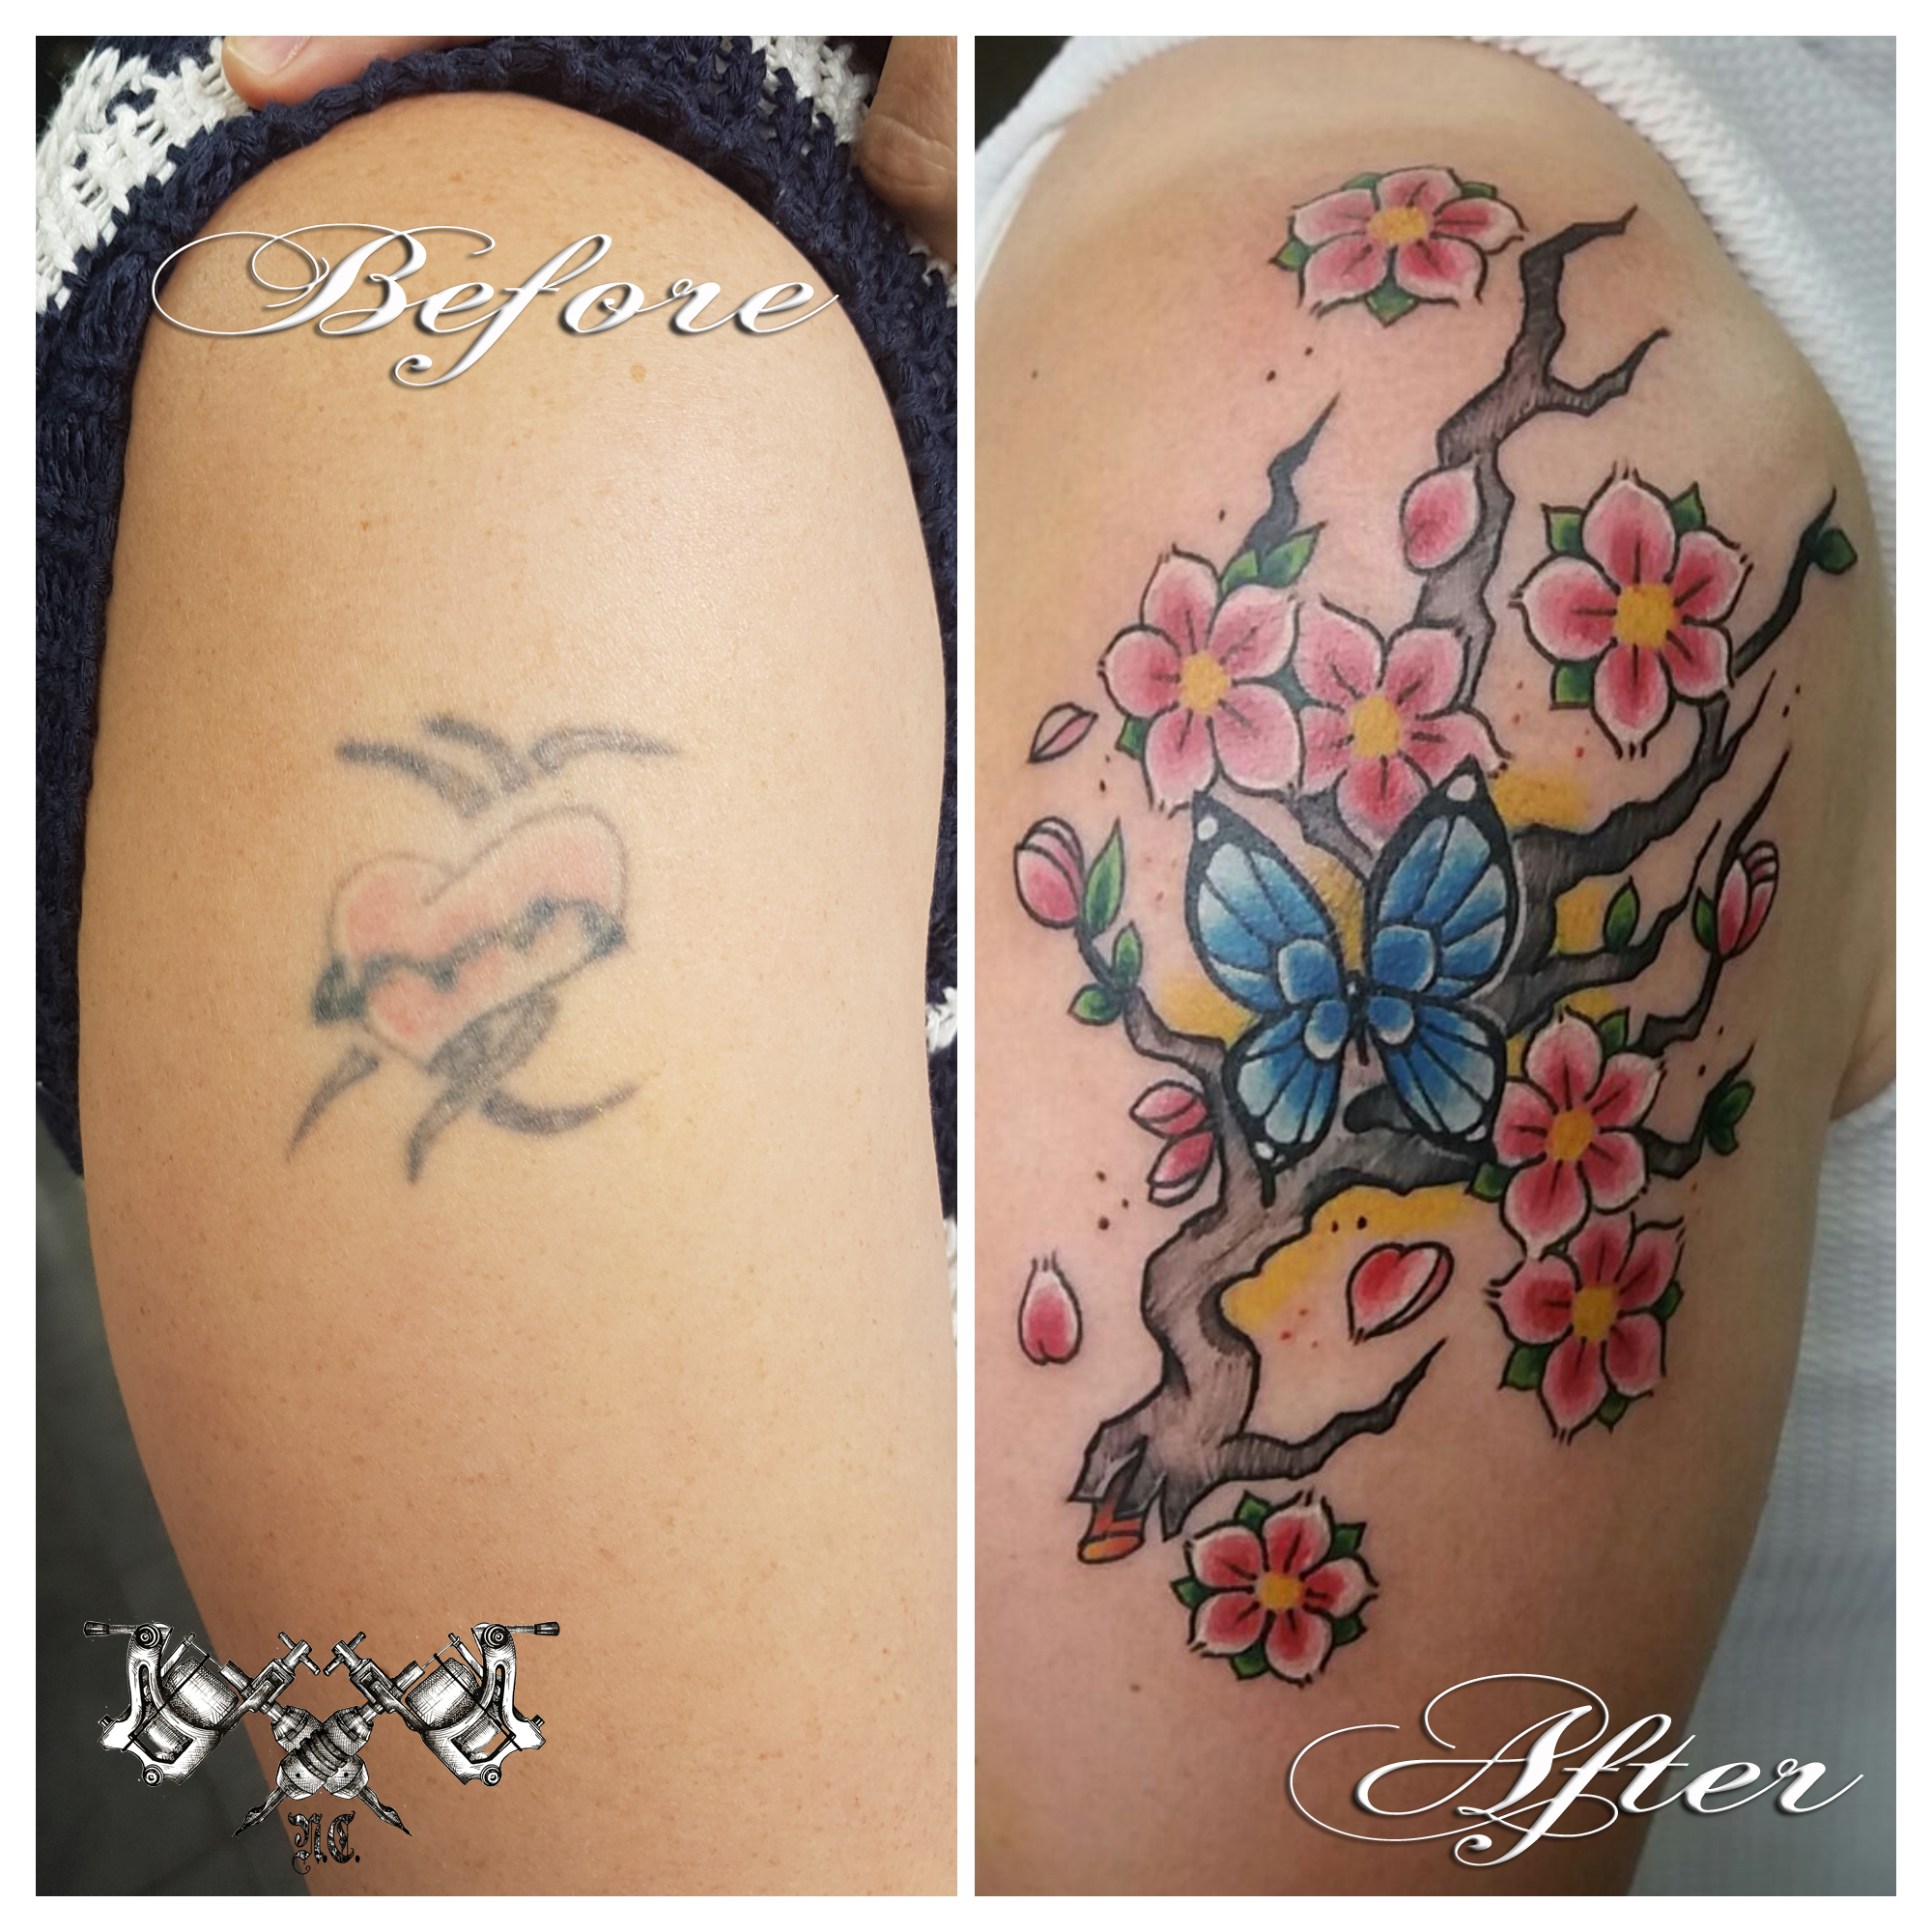 coverup tattoo.jpg